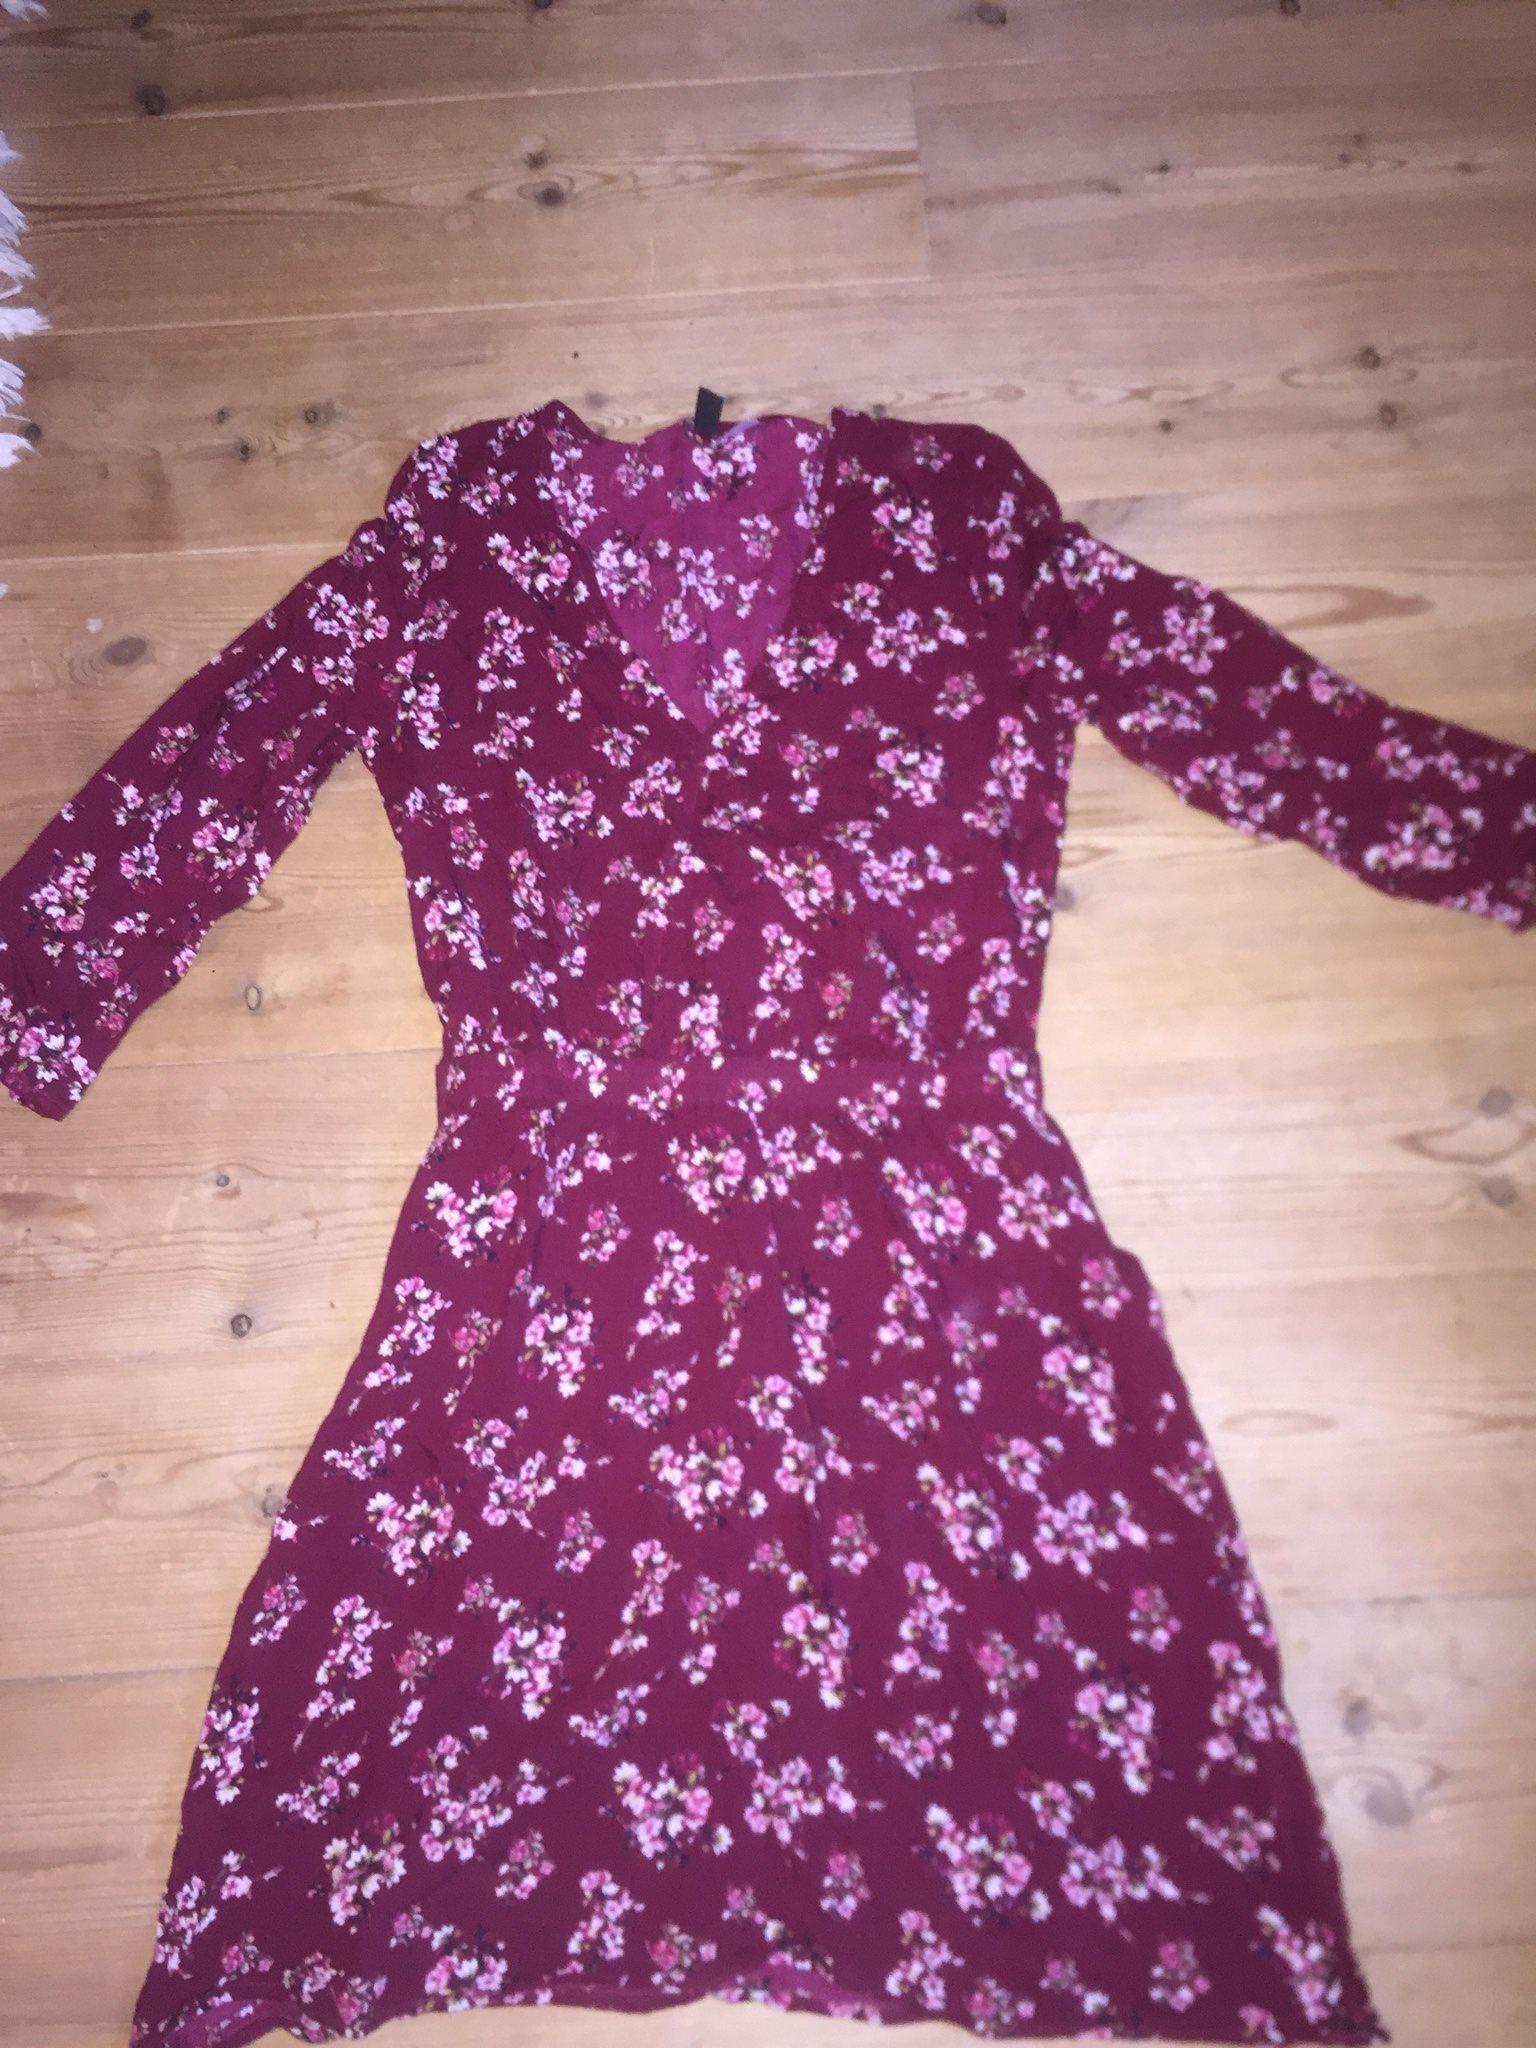 967a4a13b967 Blommig klänning, knapp i urringning (335639005) ᐈ Köp på Tradera